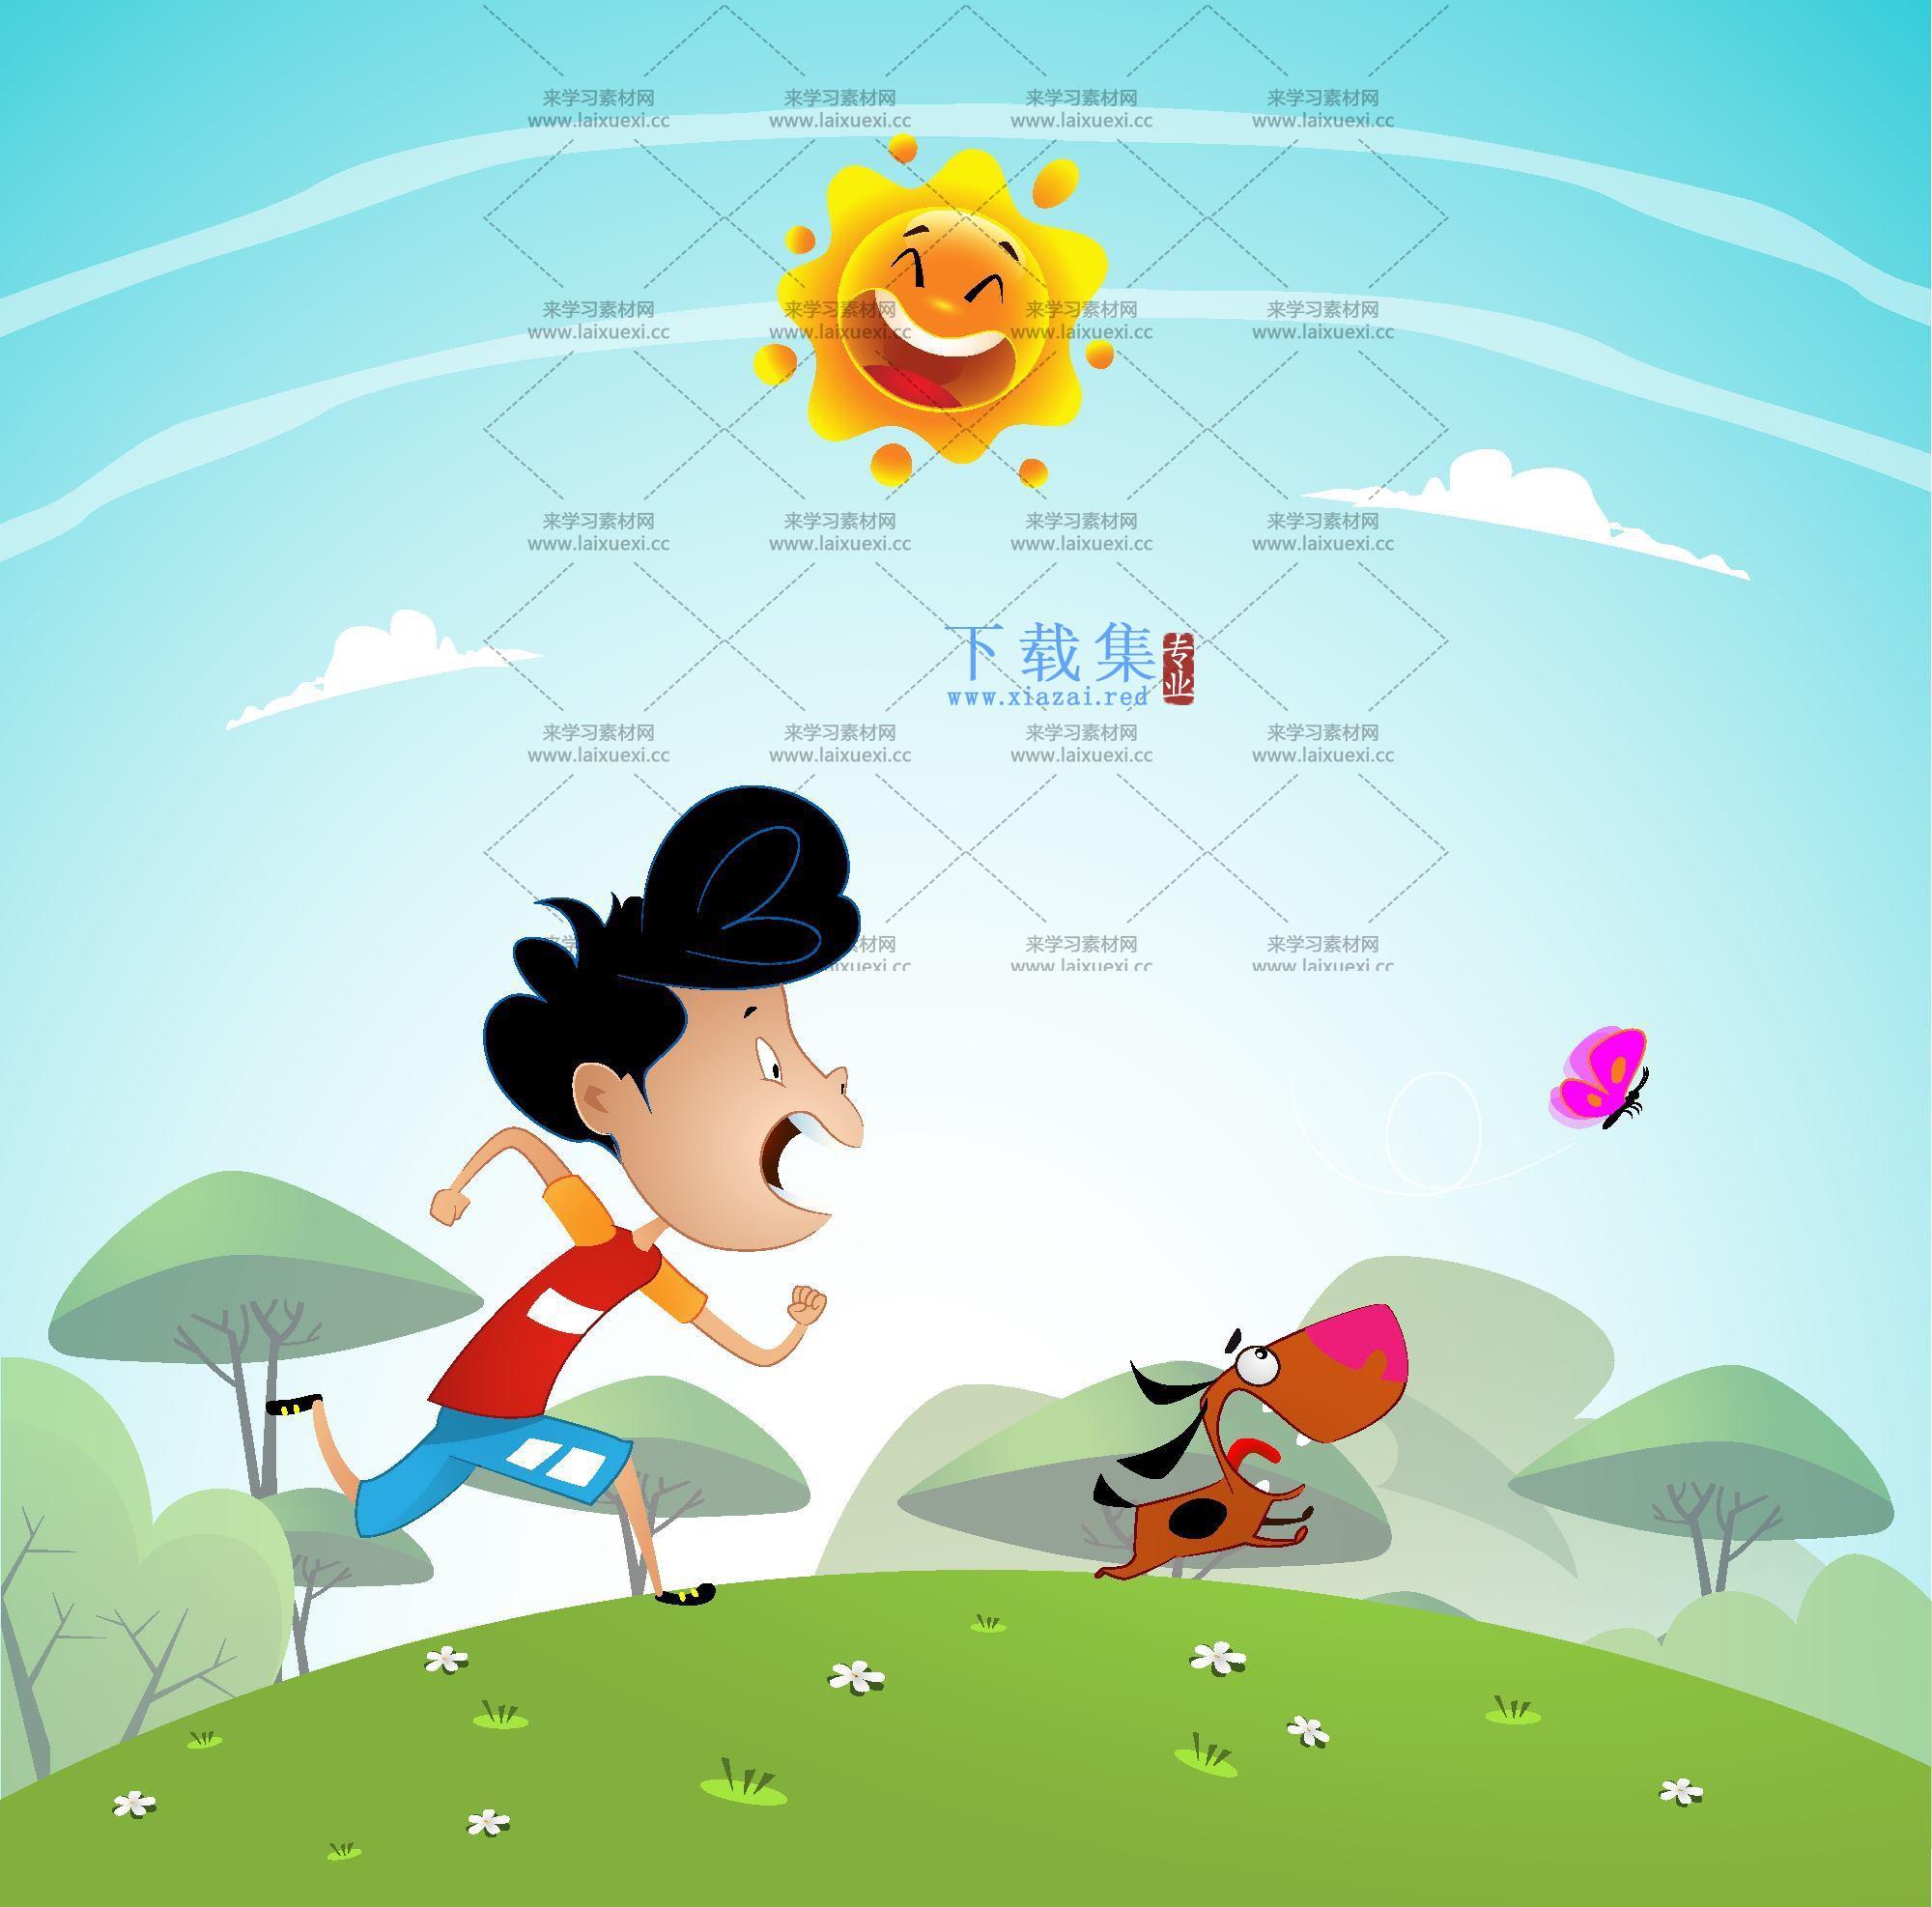 儿童插画背景矢量素材